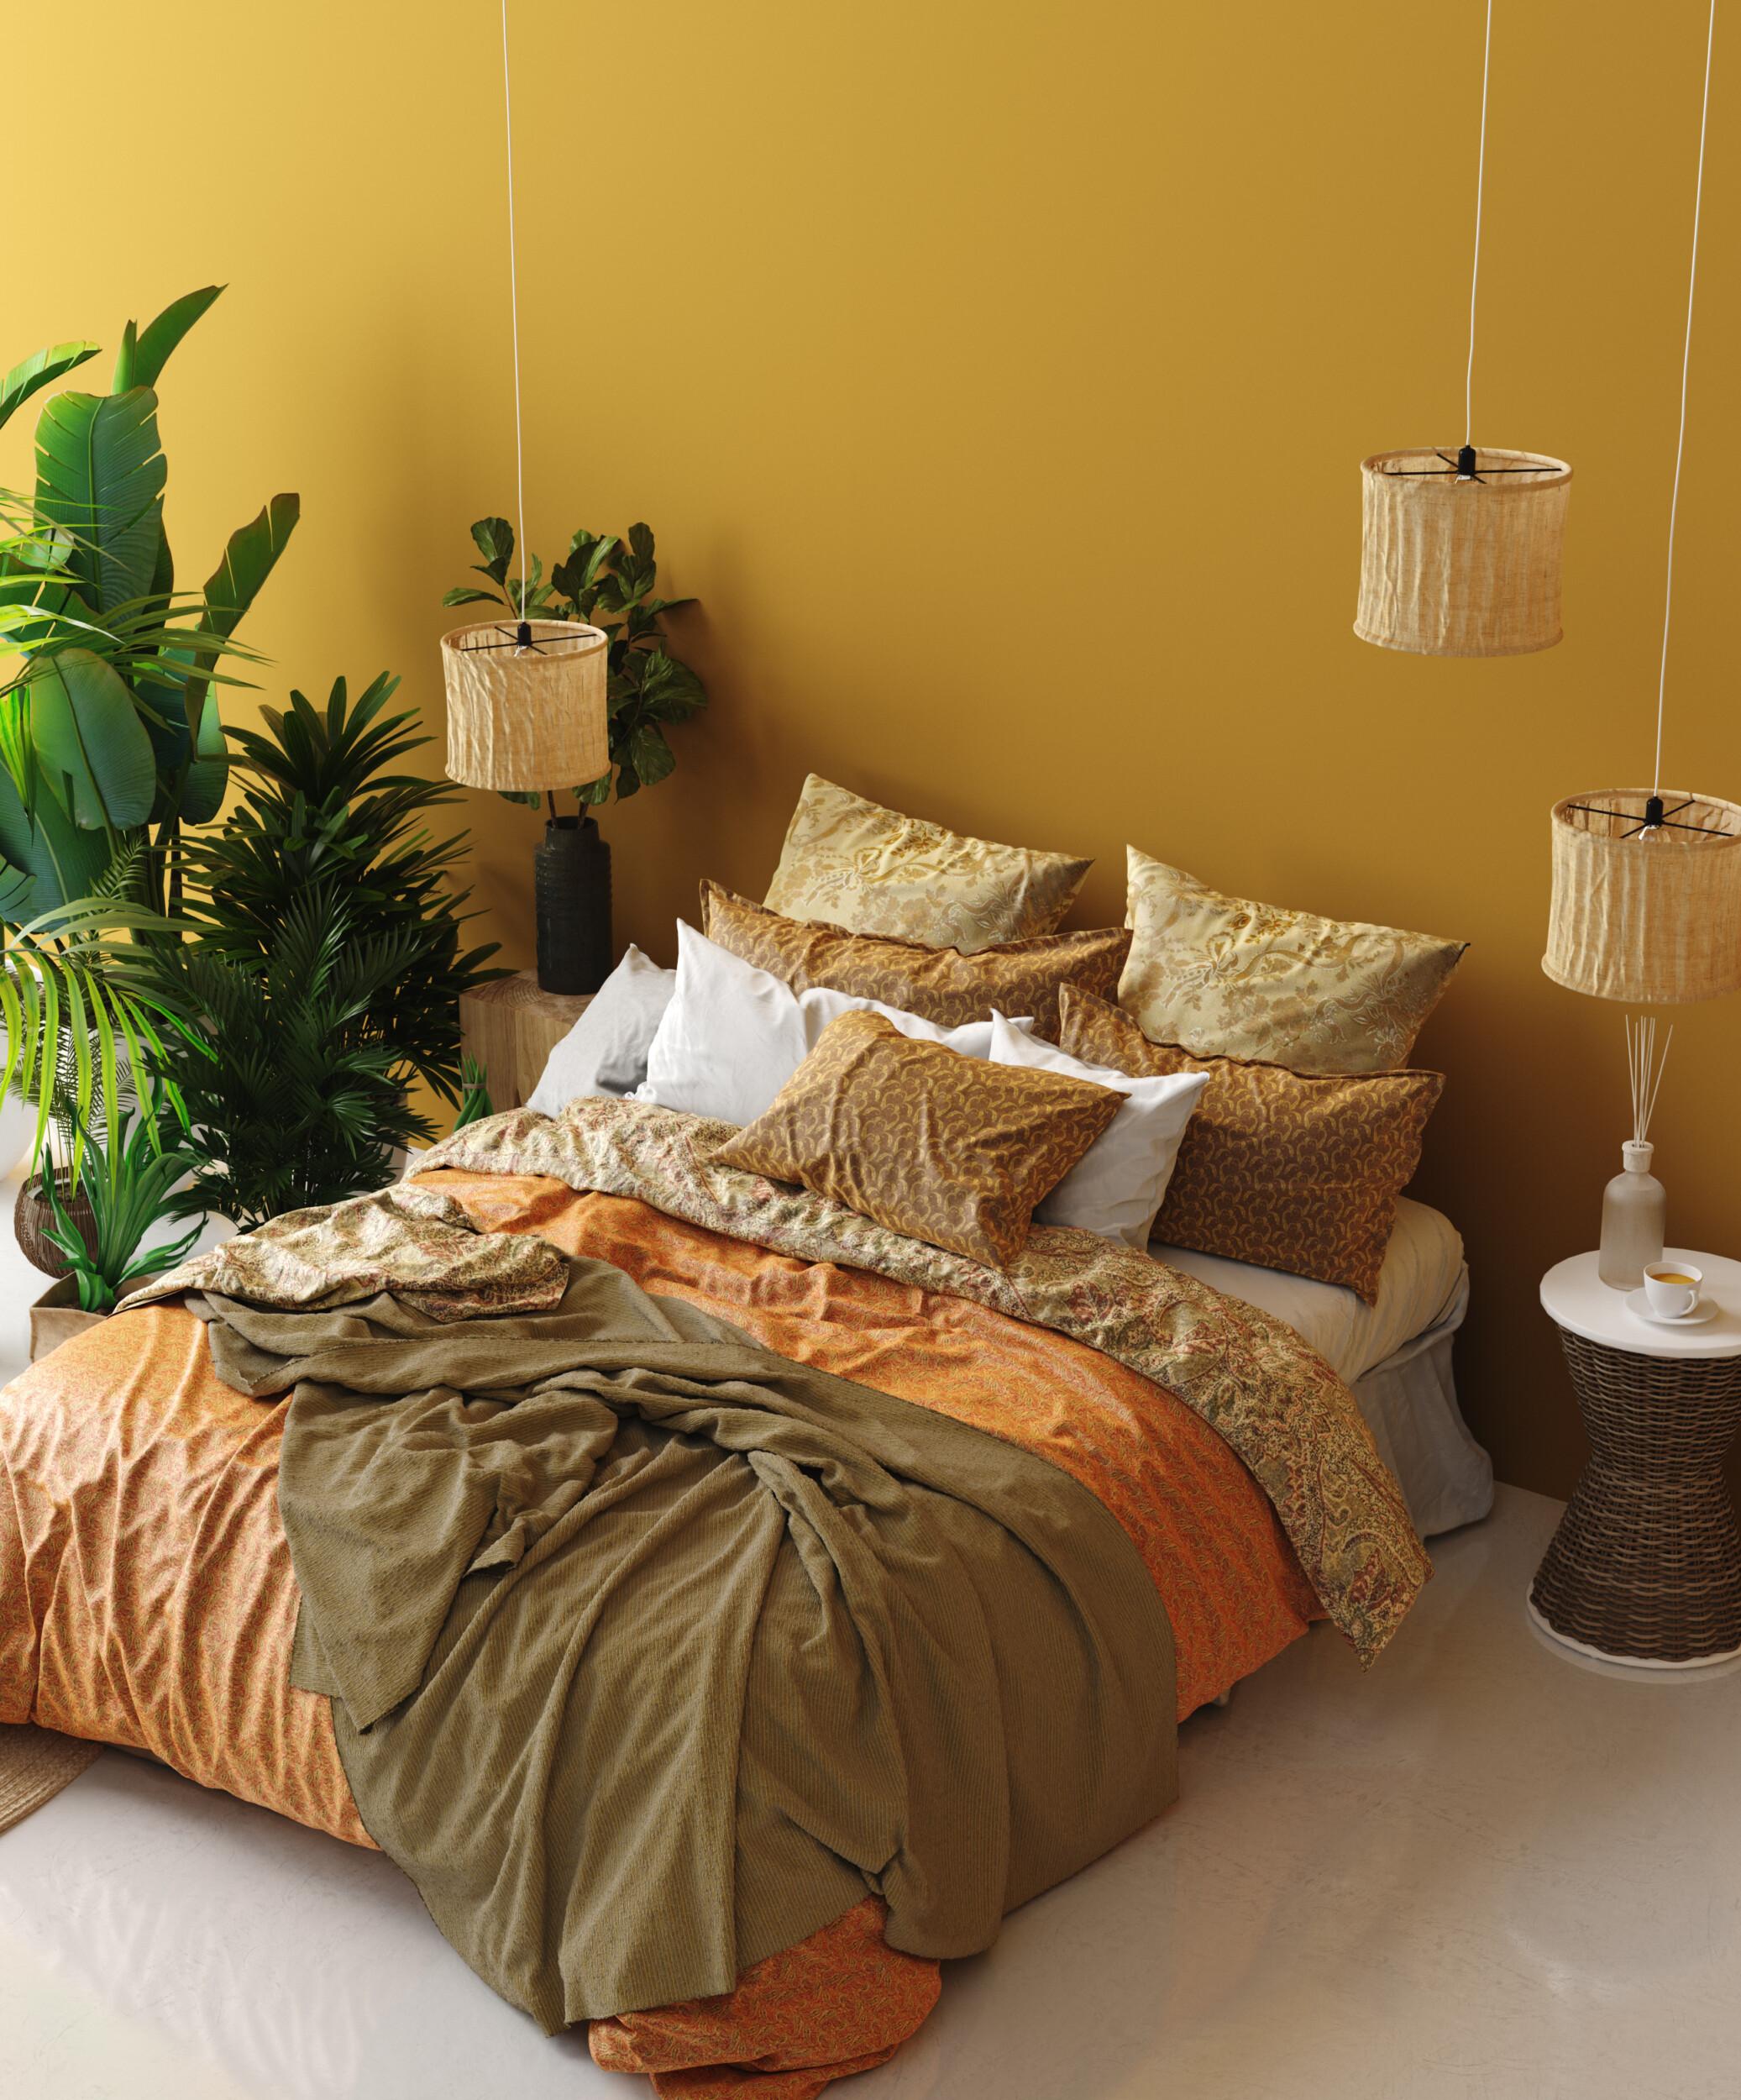 colorful bedding idea